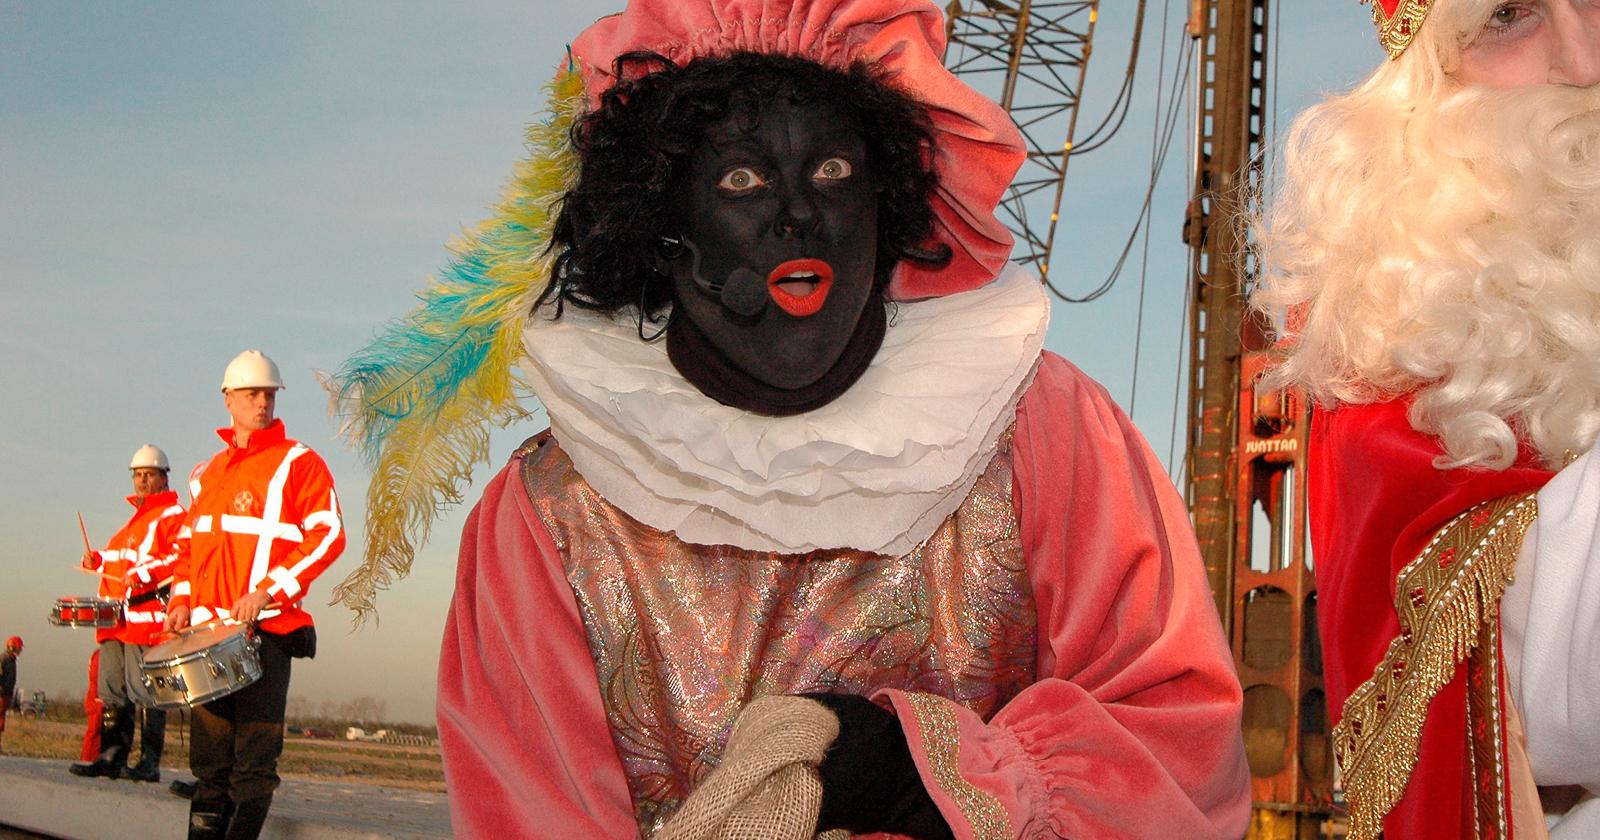 frissewind-foto-reportage16-Zwarte Piet